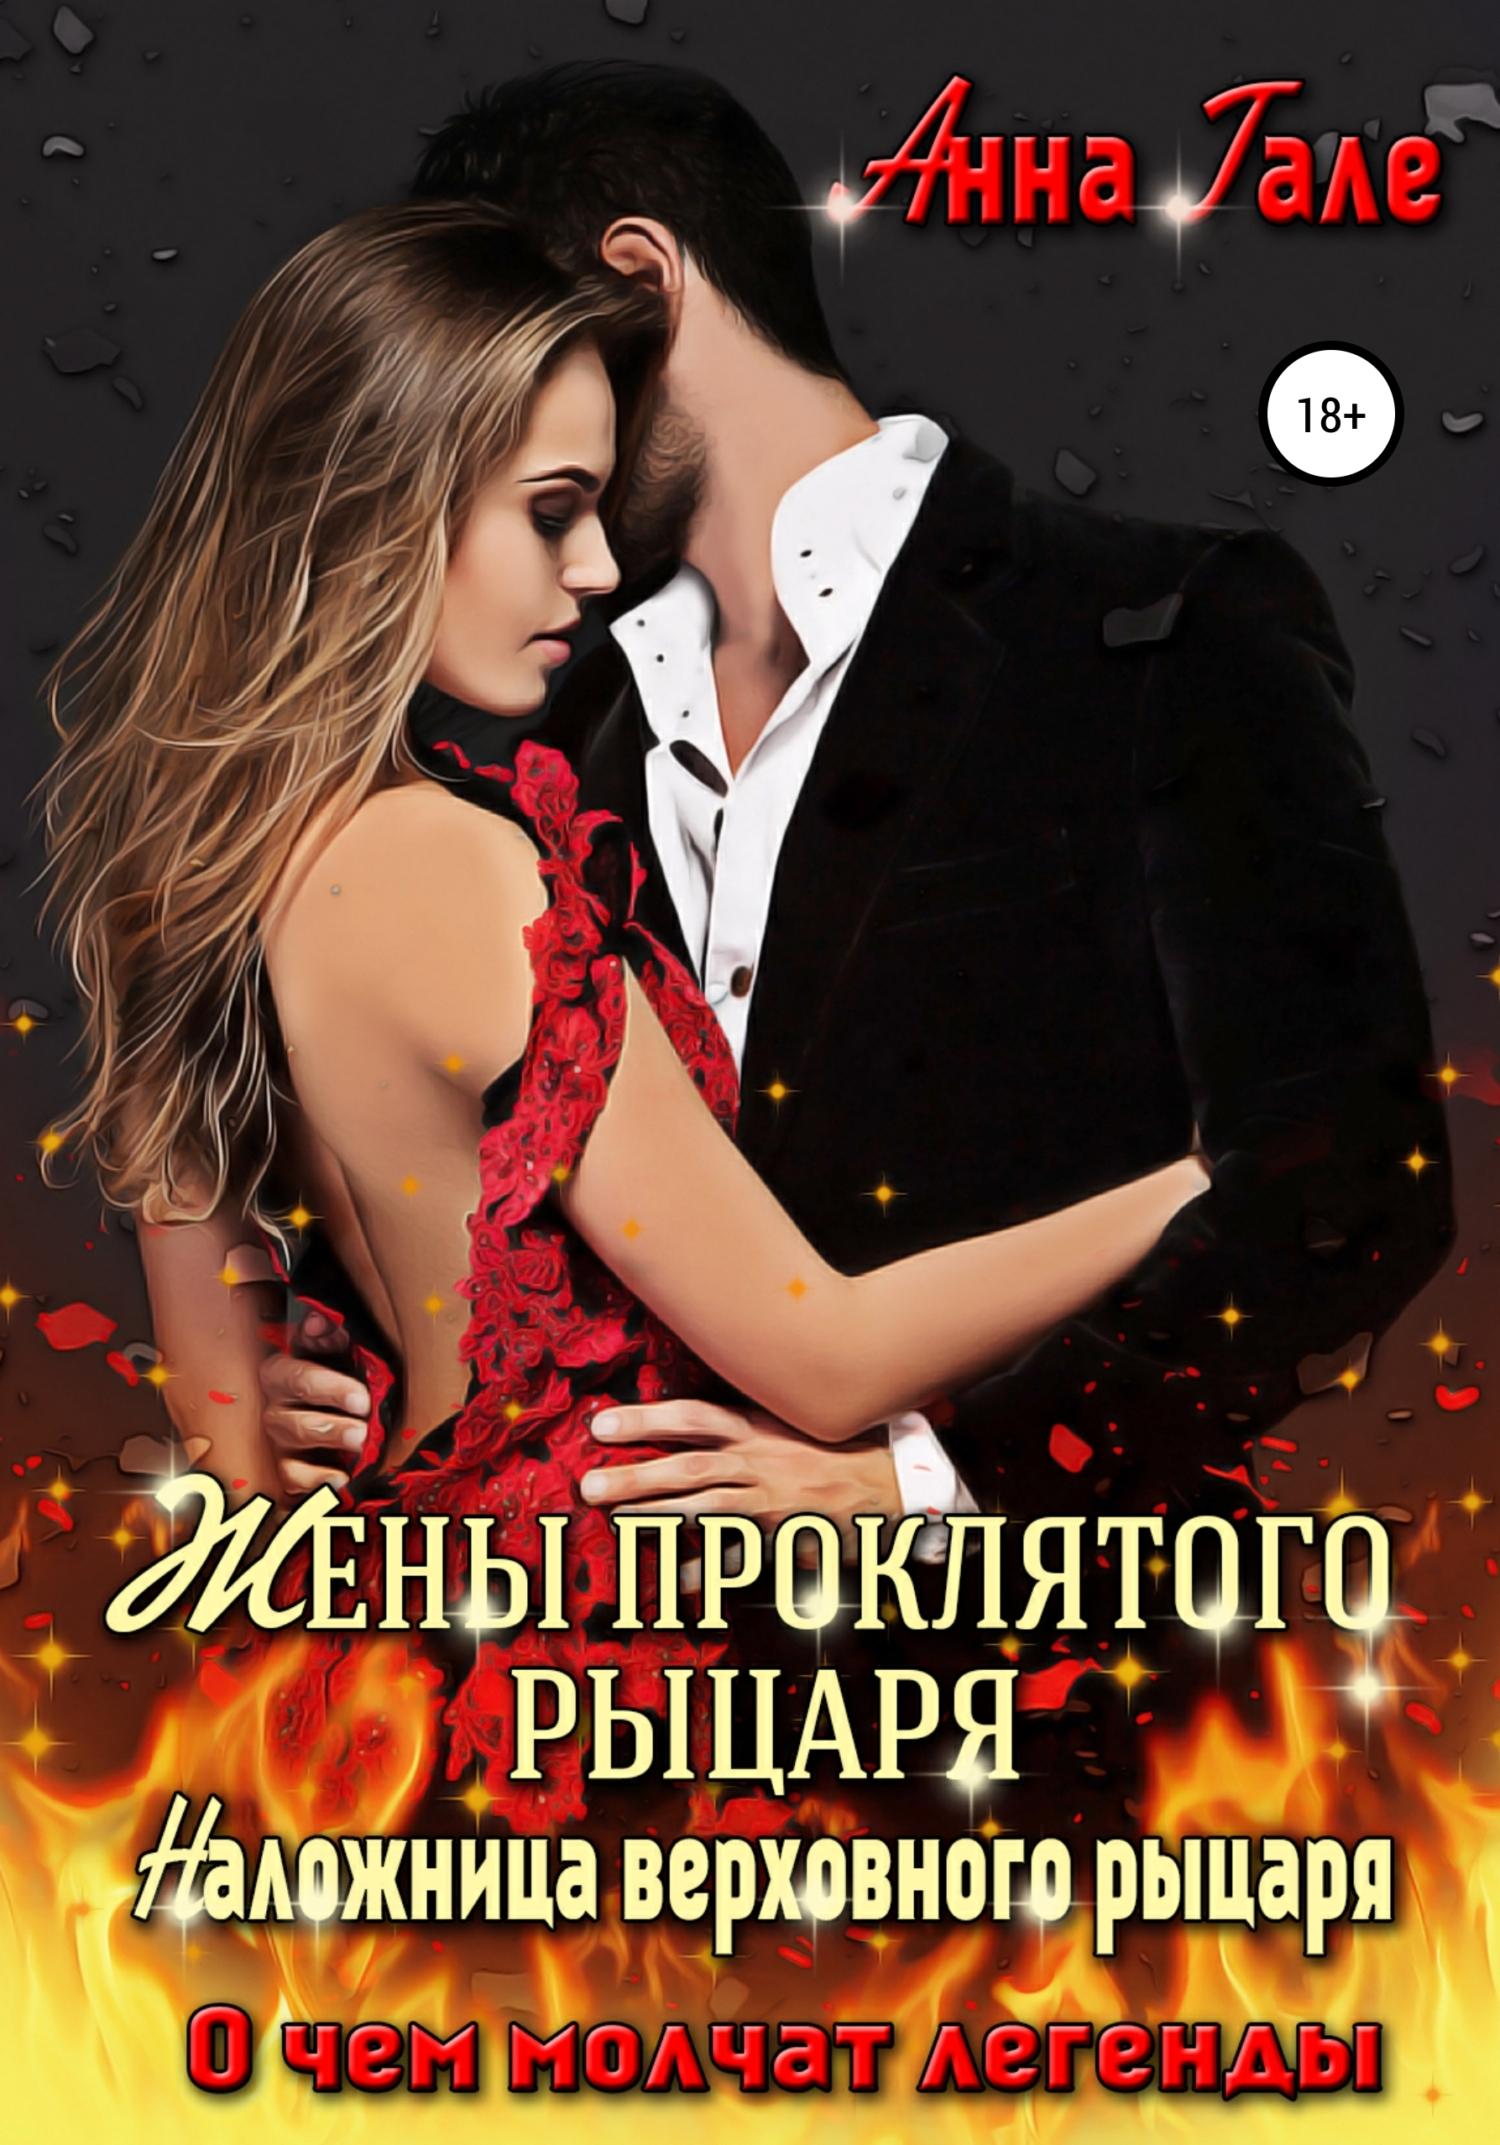 Анна Гале О чем молчат легенды. Жены проклятого рыцаря